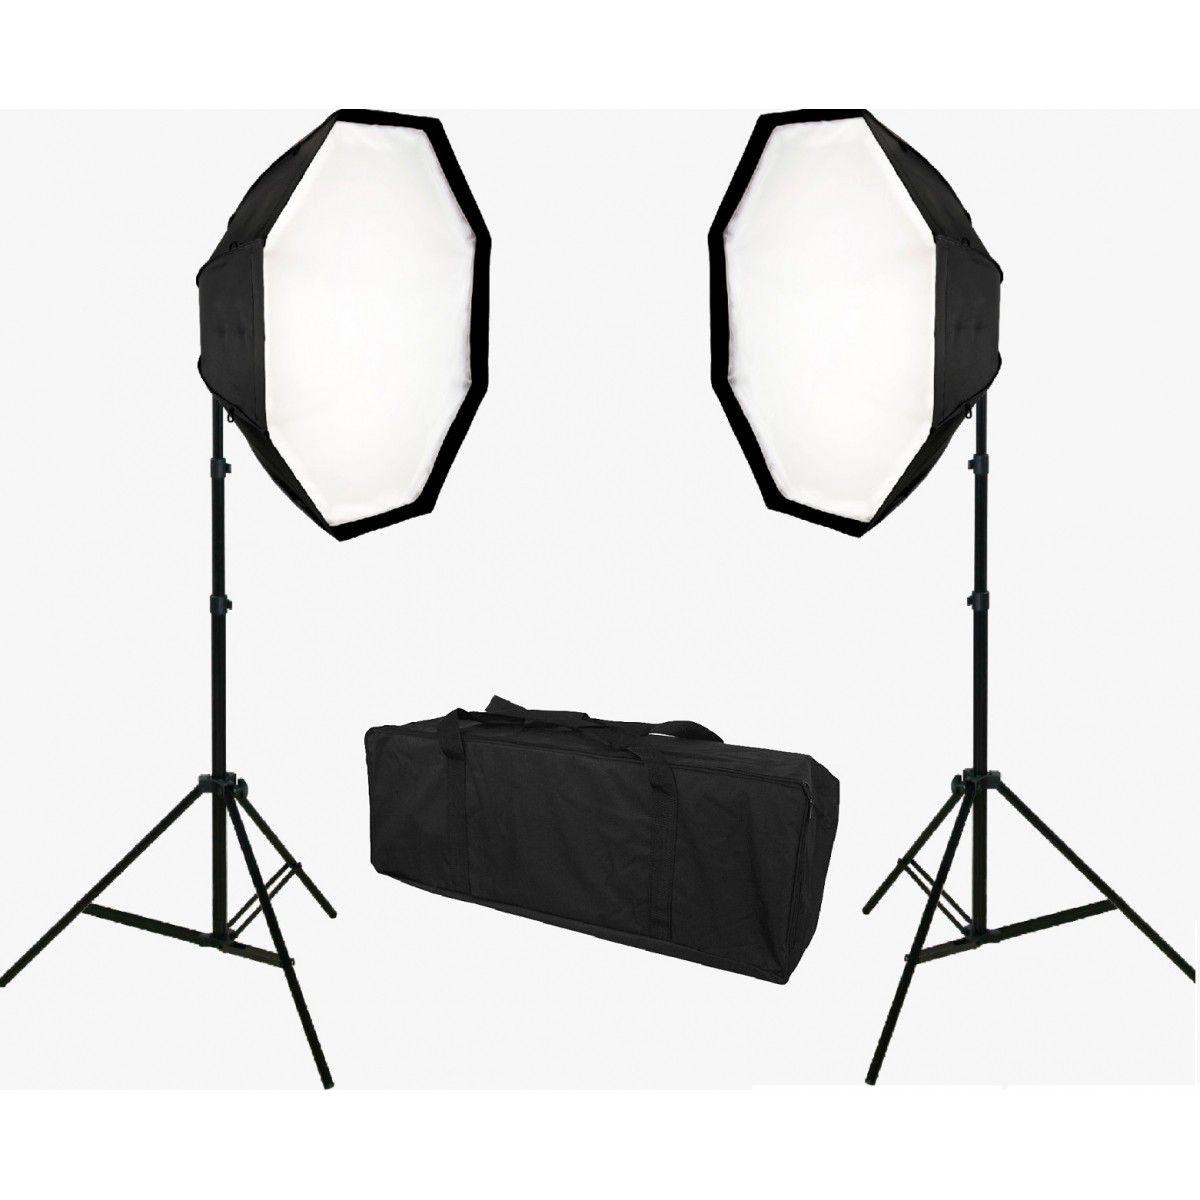 Kit Iluminação Octagonal de Estúdio Com Led 210W - OCTA400